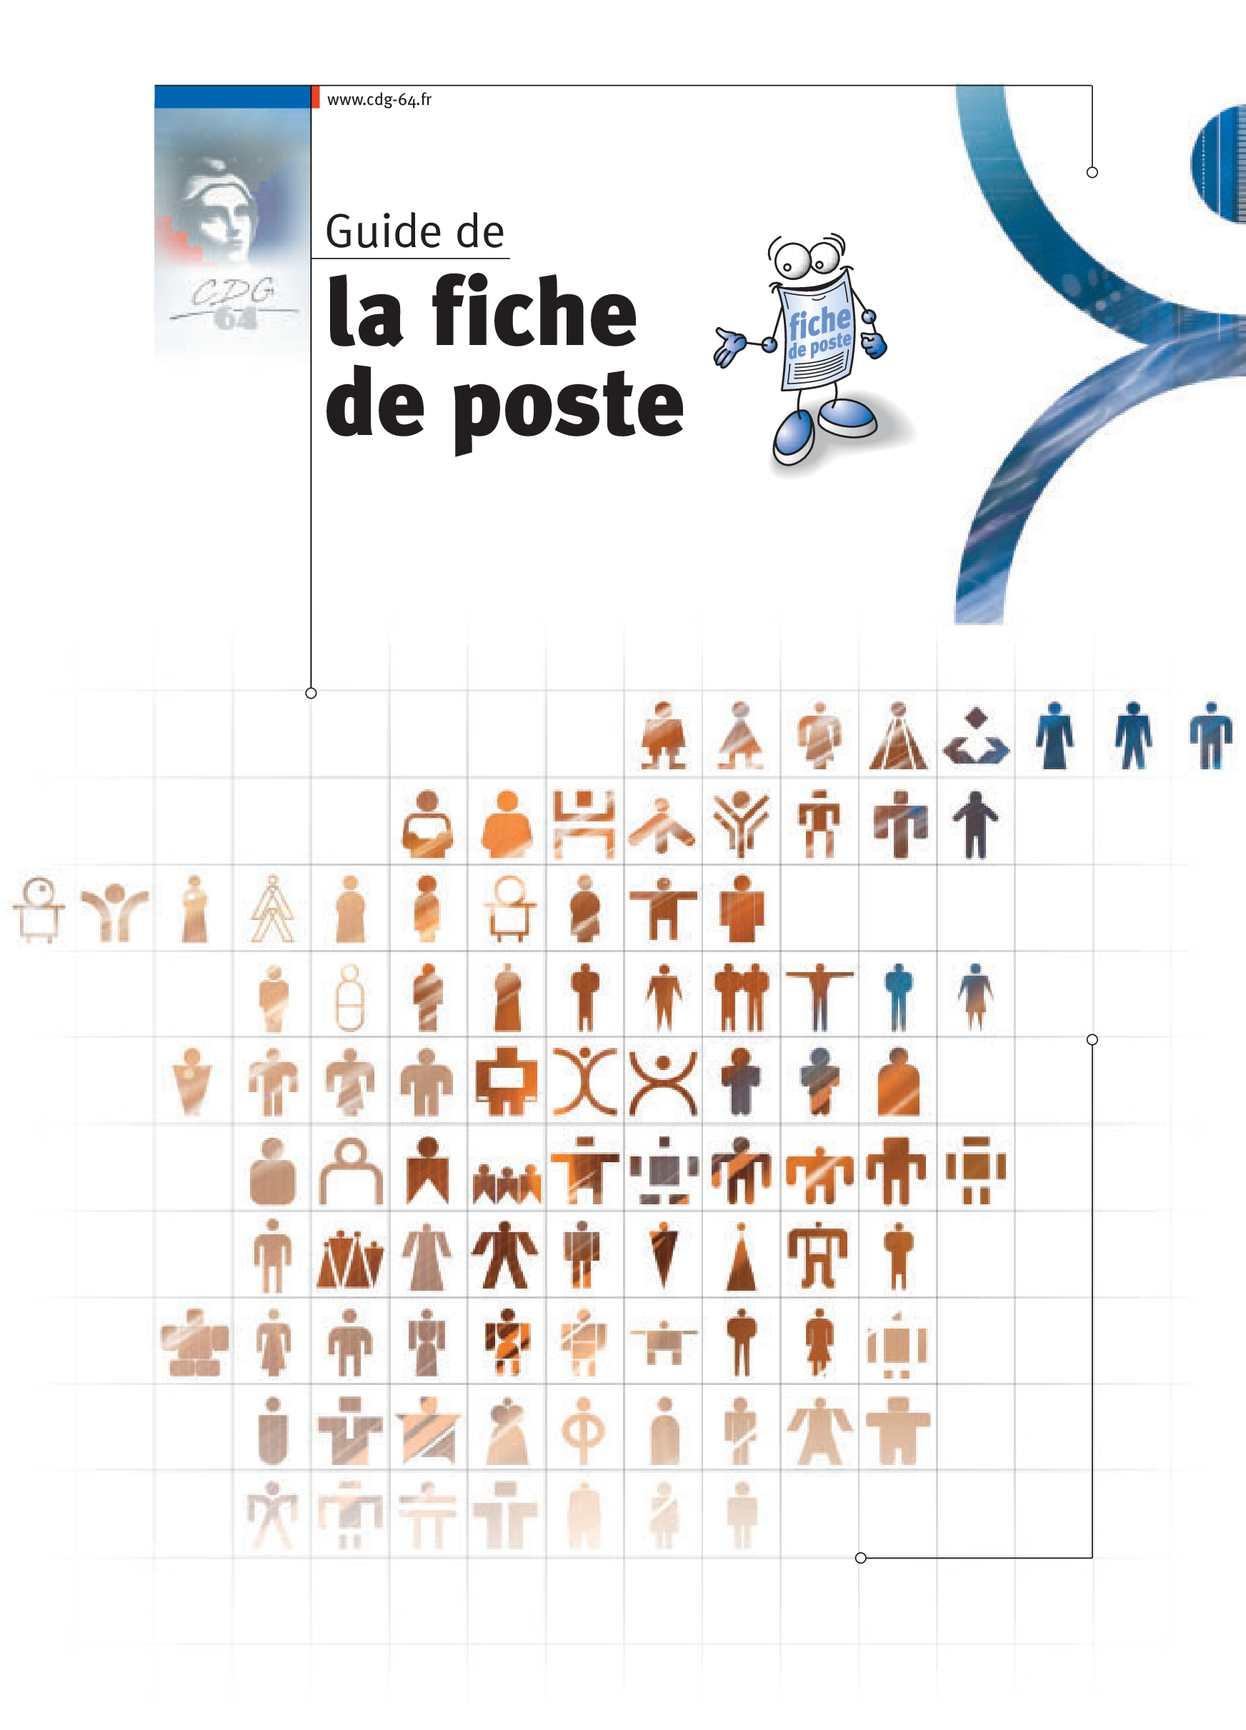 Calaméo - Guide Fiche De Poste Cdg 64